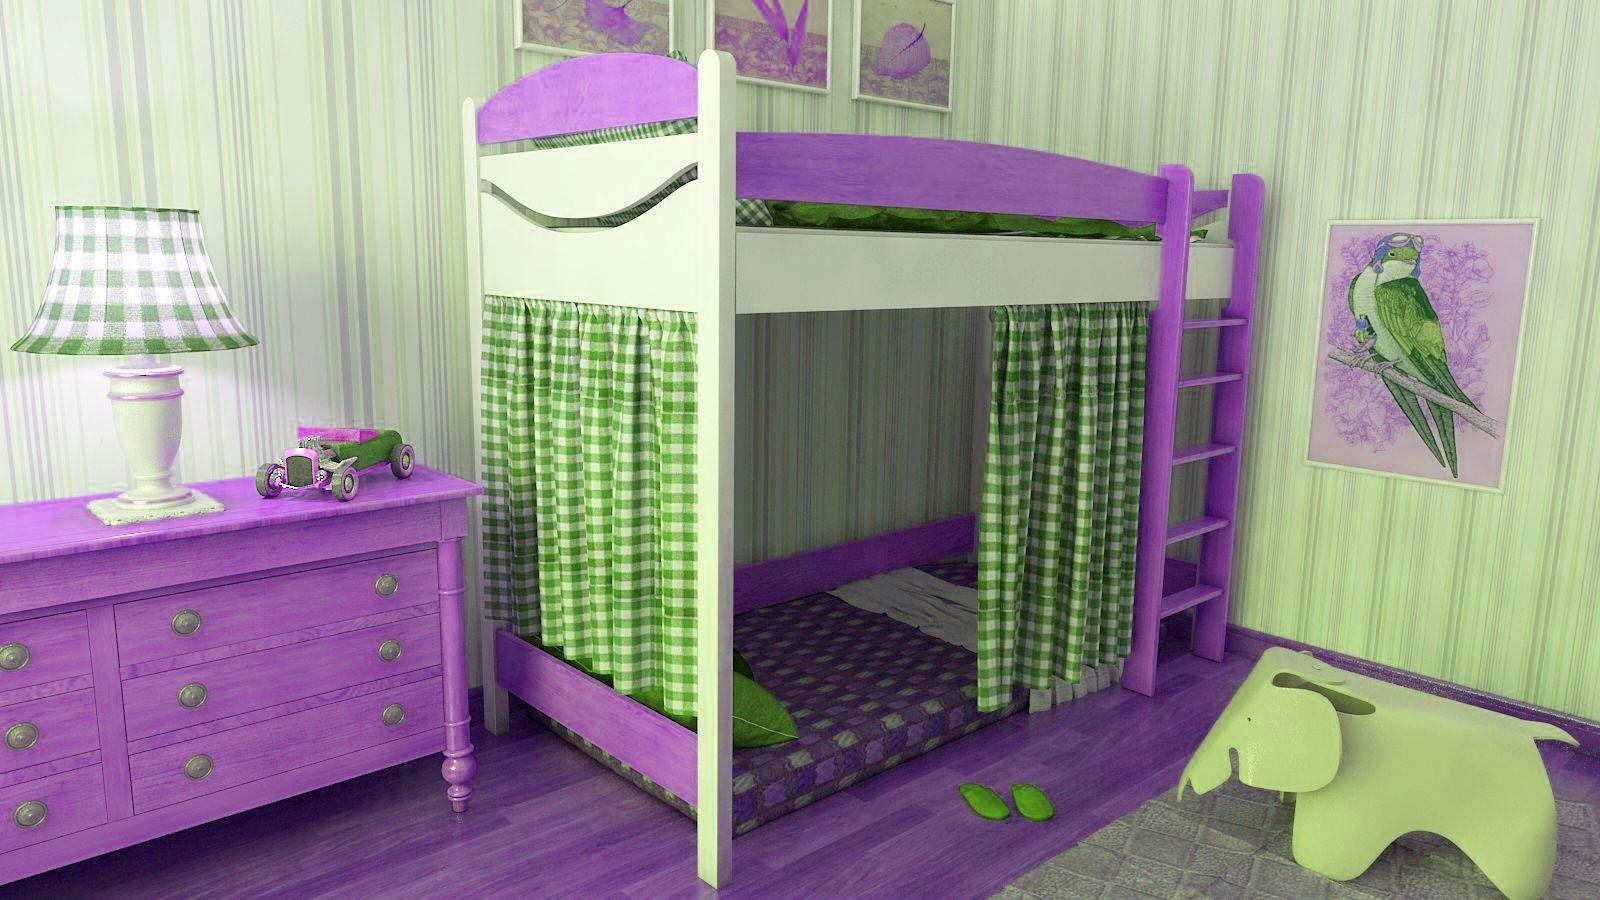 """Кровать чердак """"Эргономик-2"""" E290BDUB160 детская для мальчиков и девочек детей от 2-3 лет"""